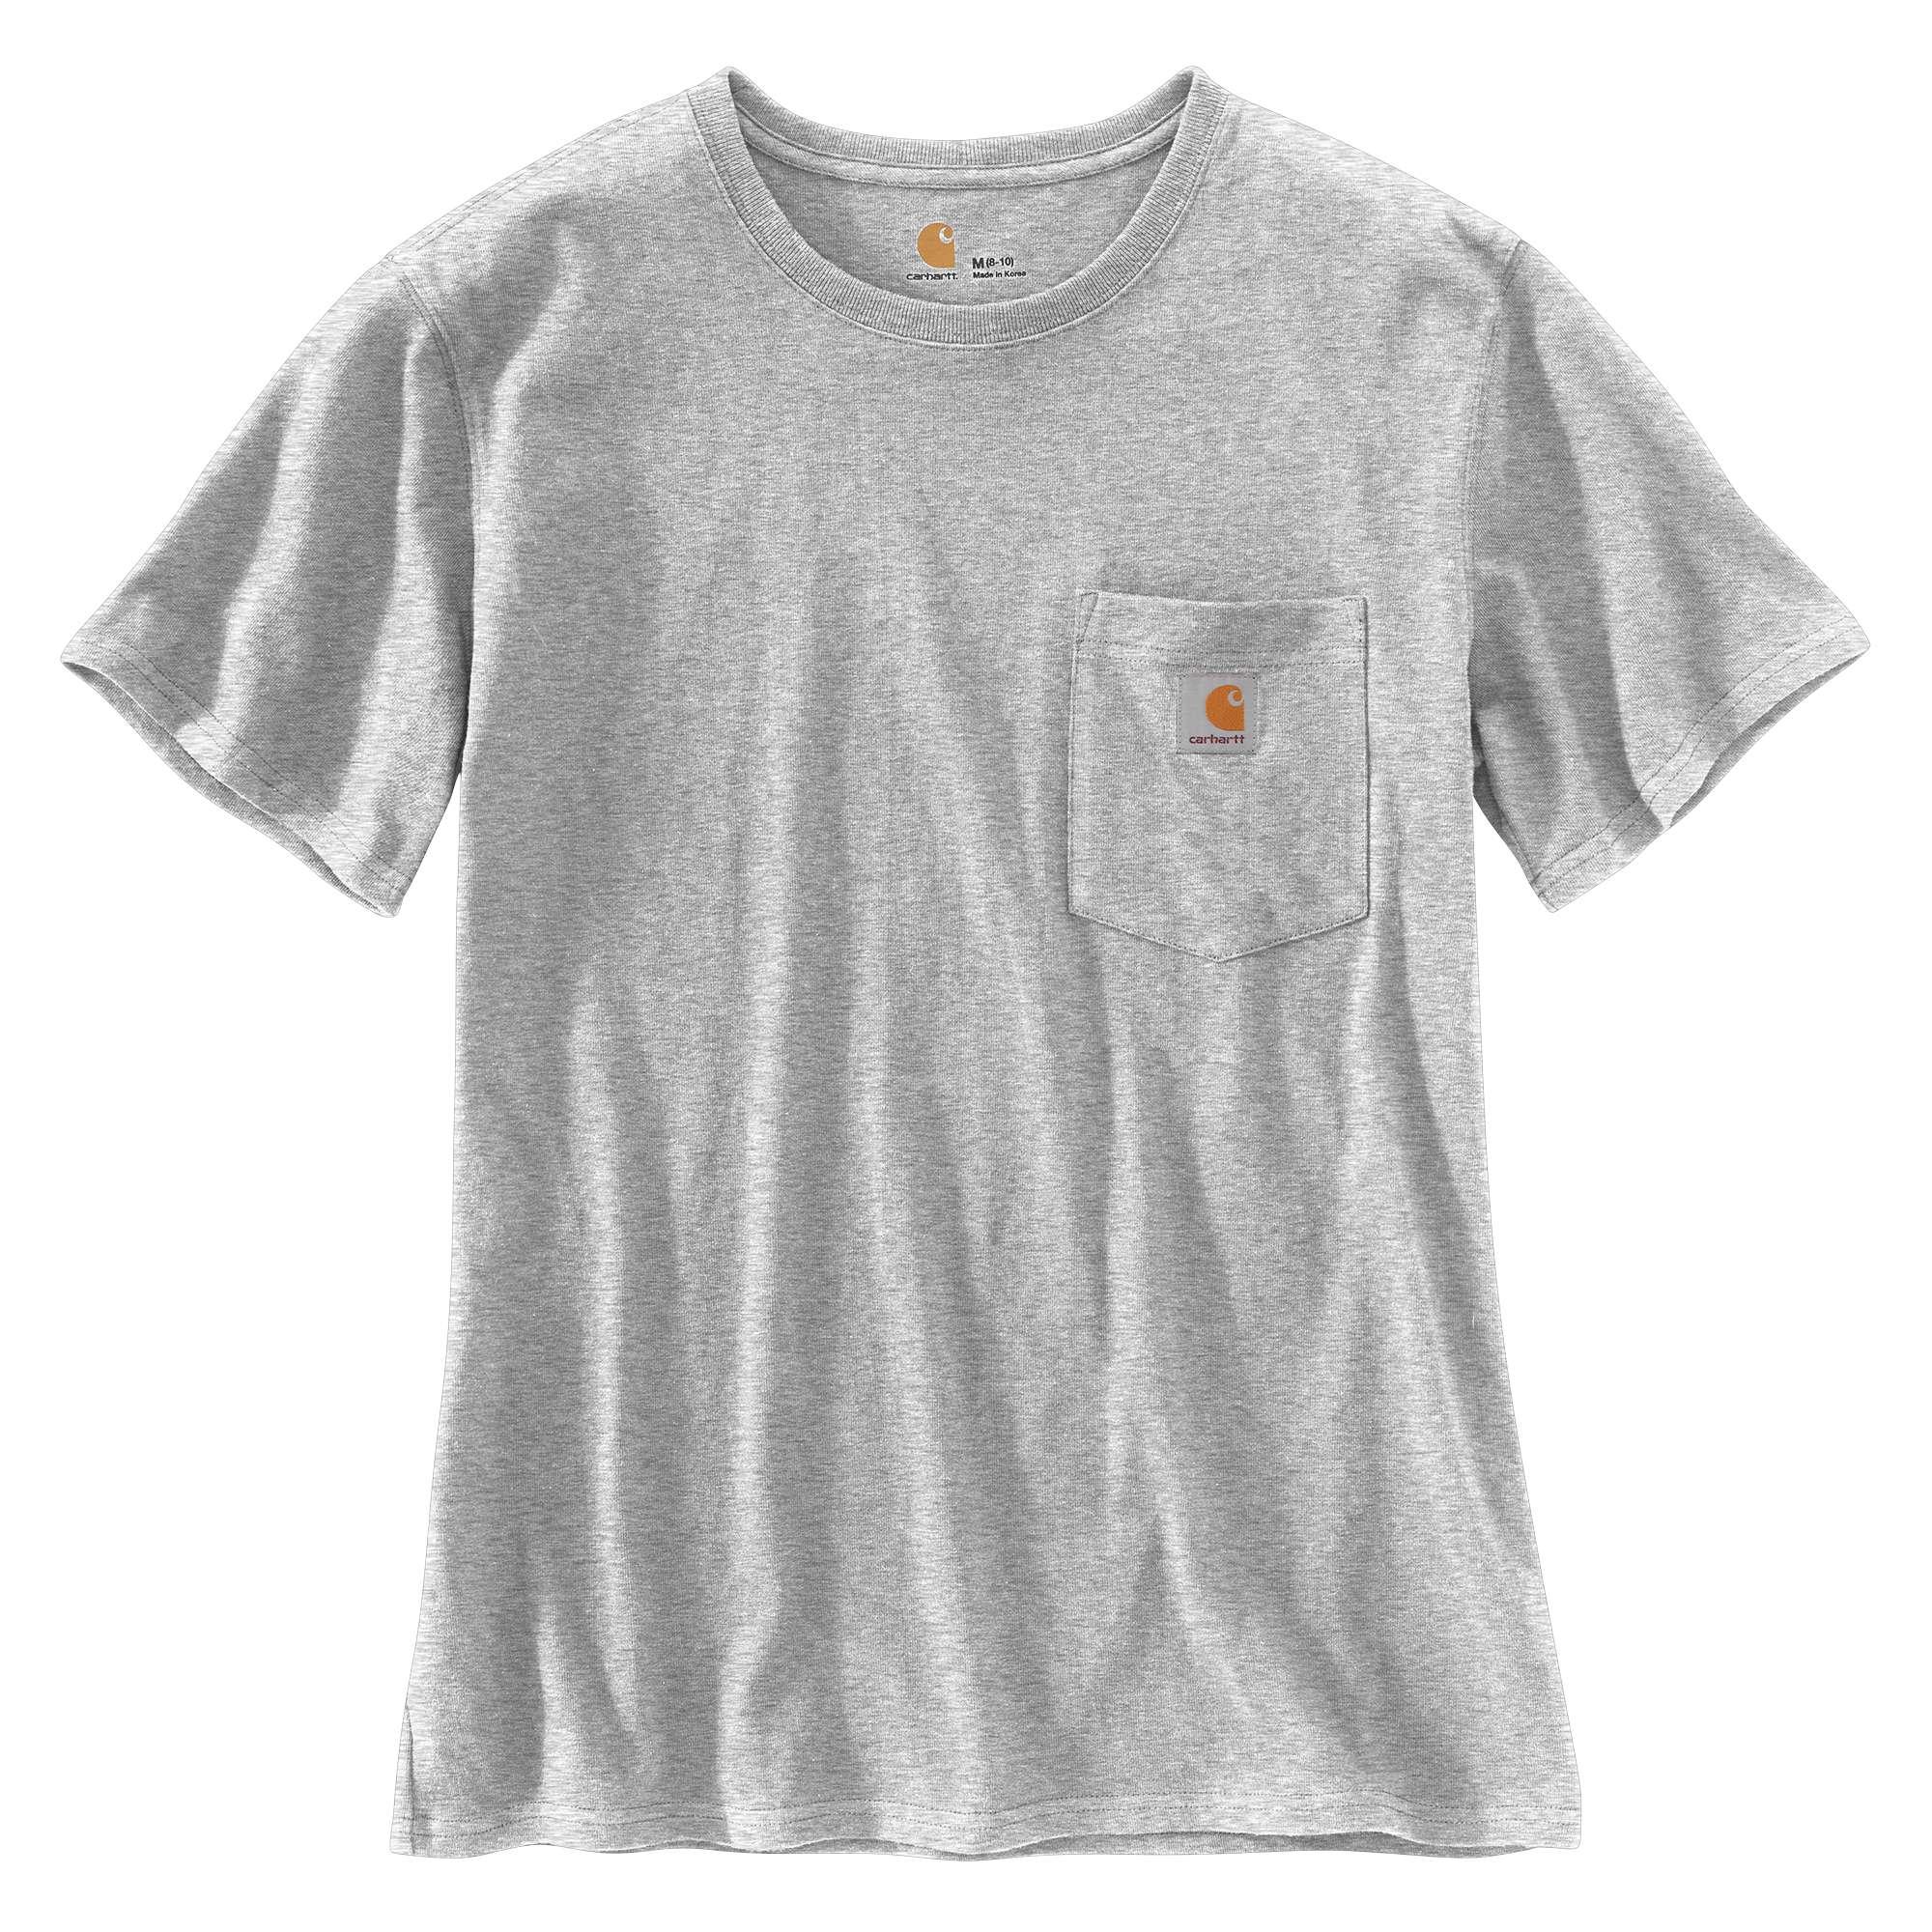 Women's Loose Fit Heavyweight Short-Sleeve Pocket T-Shirt